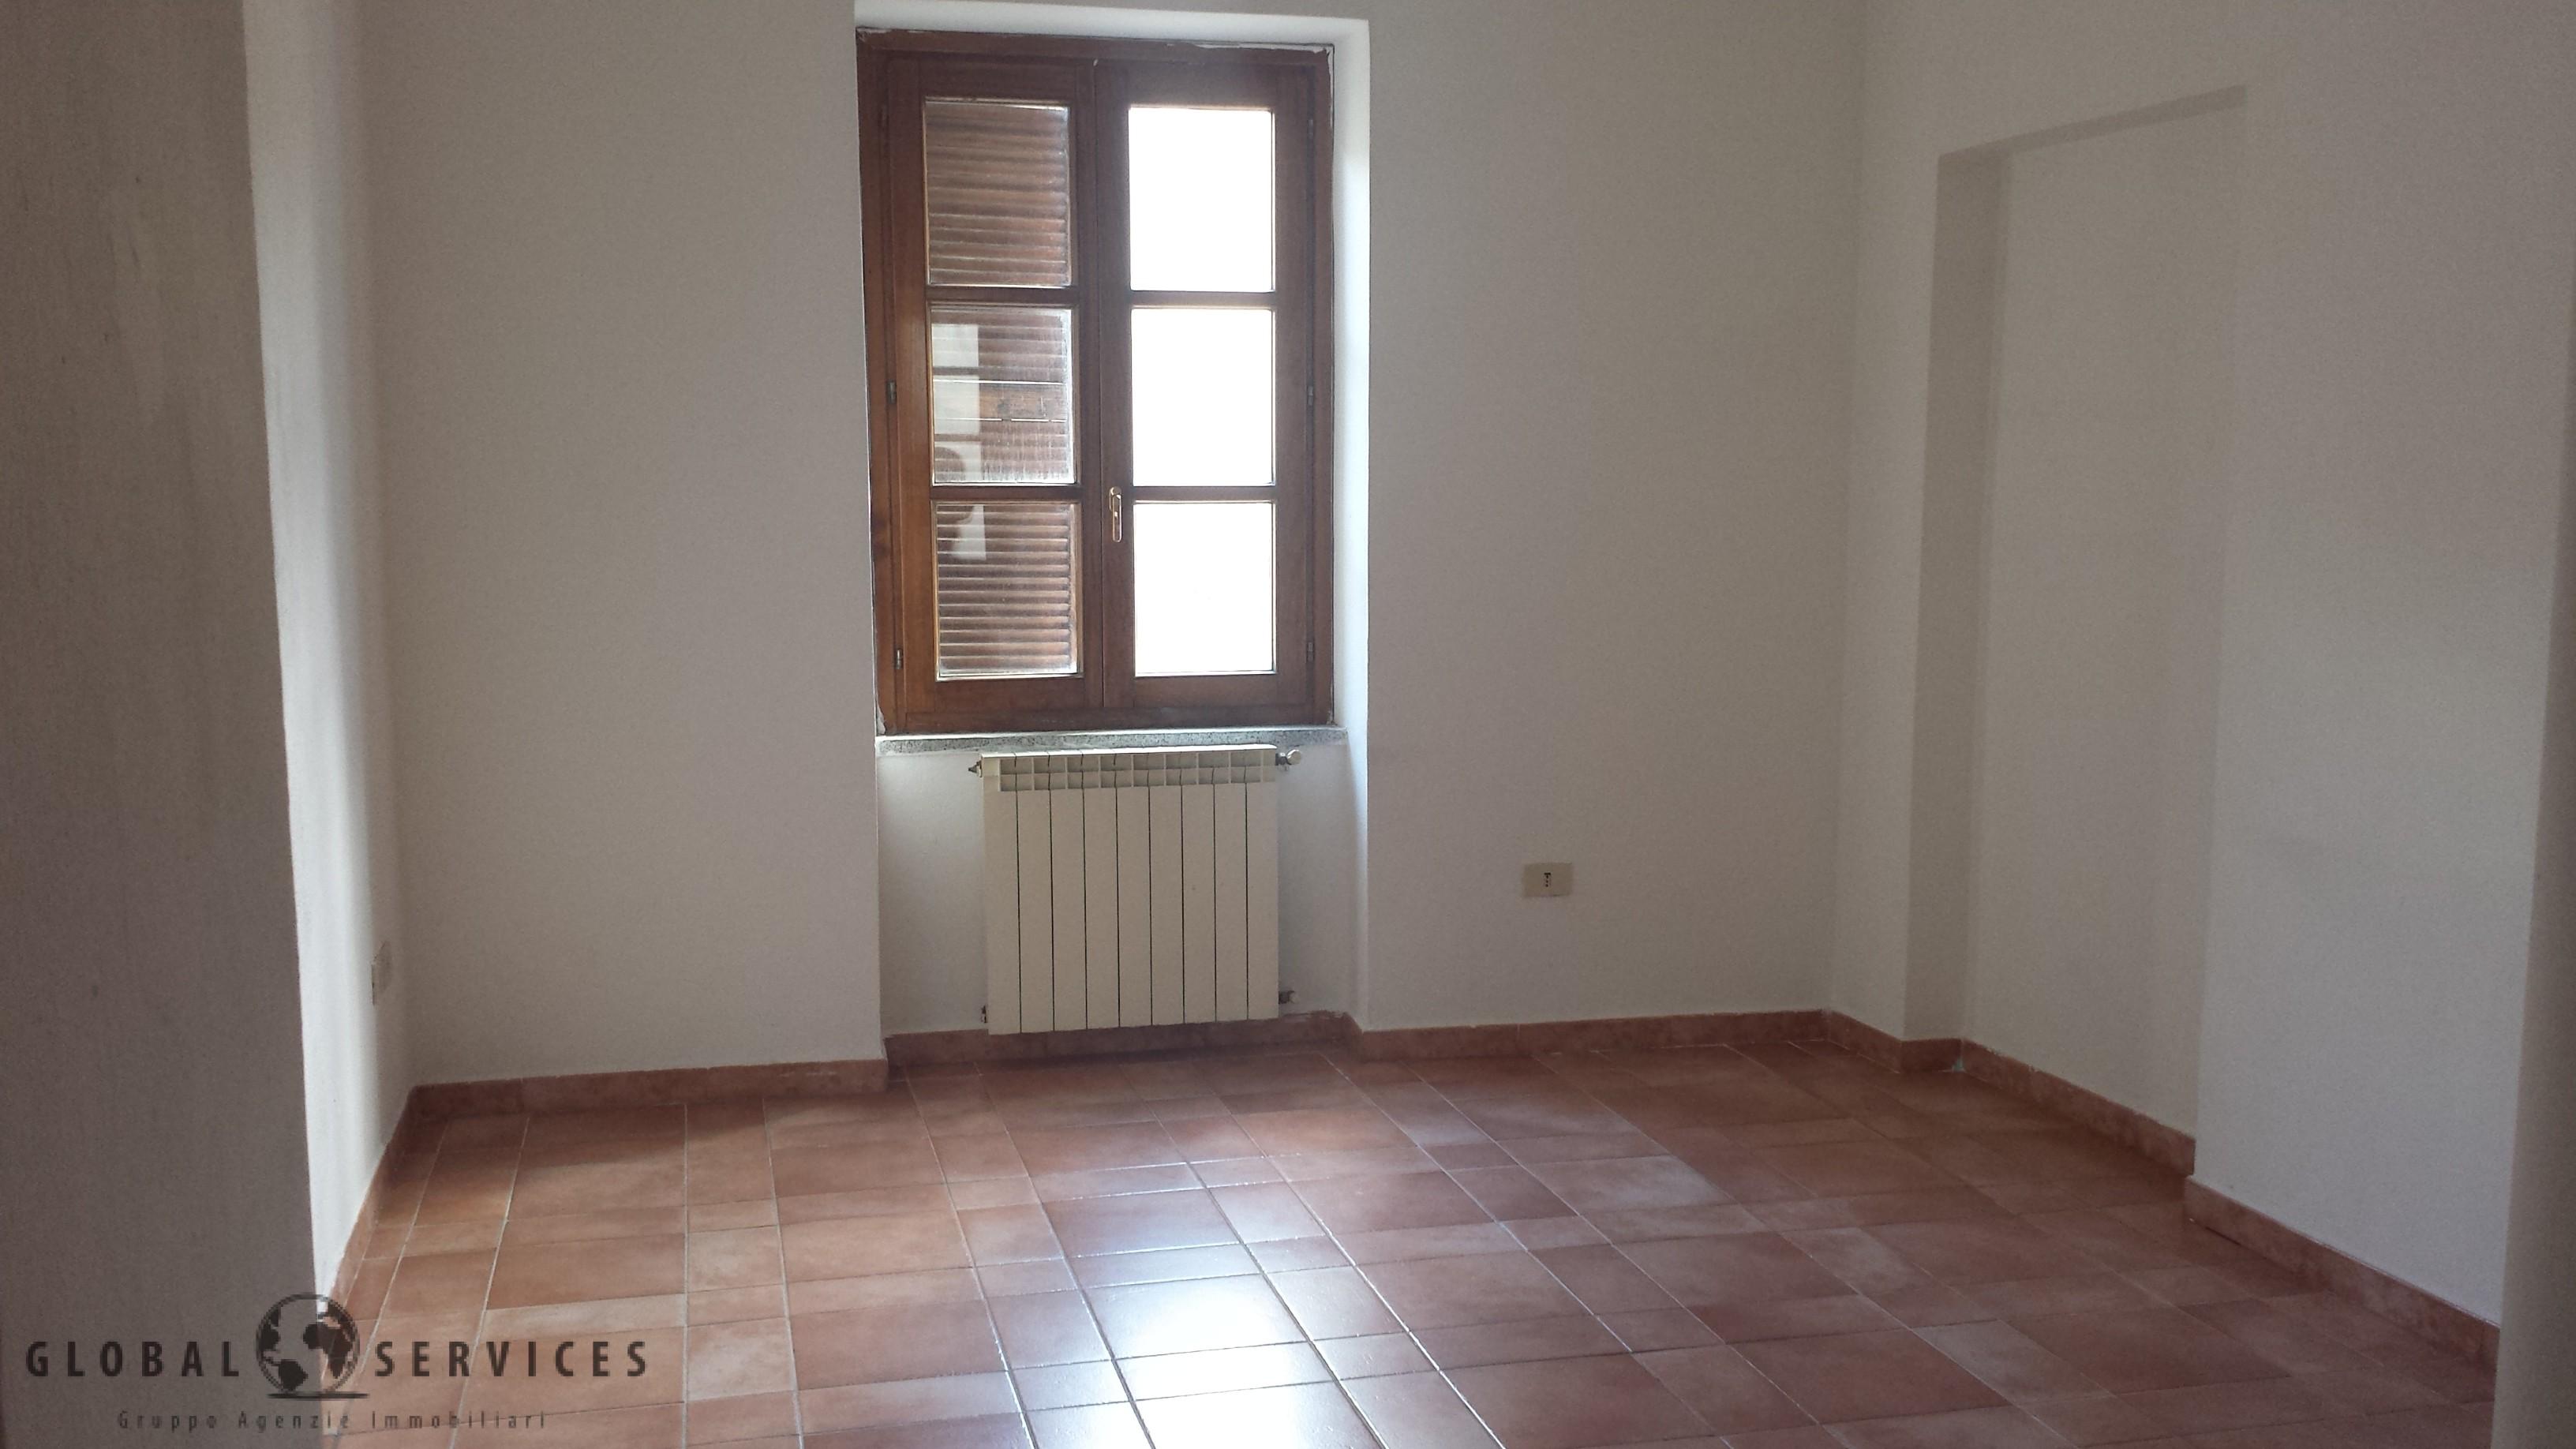 Nuoro in via Chironi, appartamento vendita